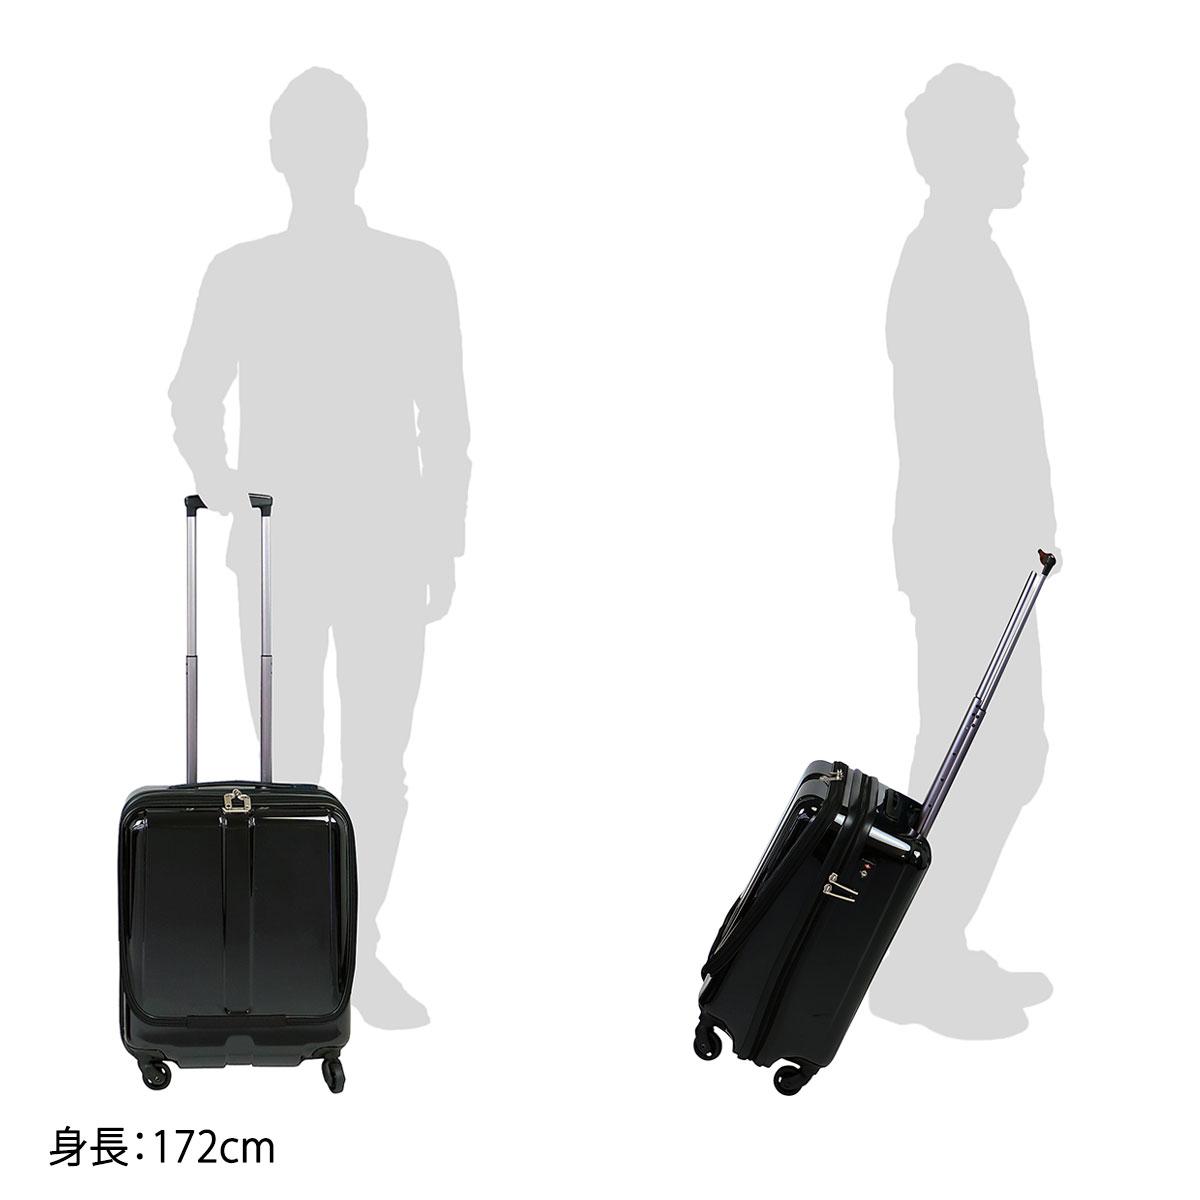 ACE 世界旅行手提箱 ACE 世界旅行者携带箱犁新 05810 小屋随身携带 zip 38 L 一个或两个晚上关于紧凑 S 大小 TSA 锁坚硬旅行